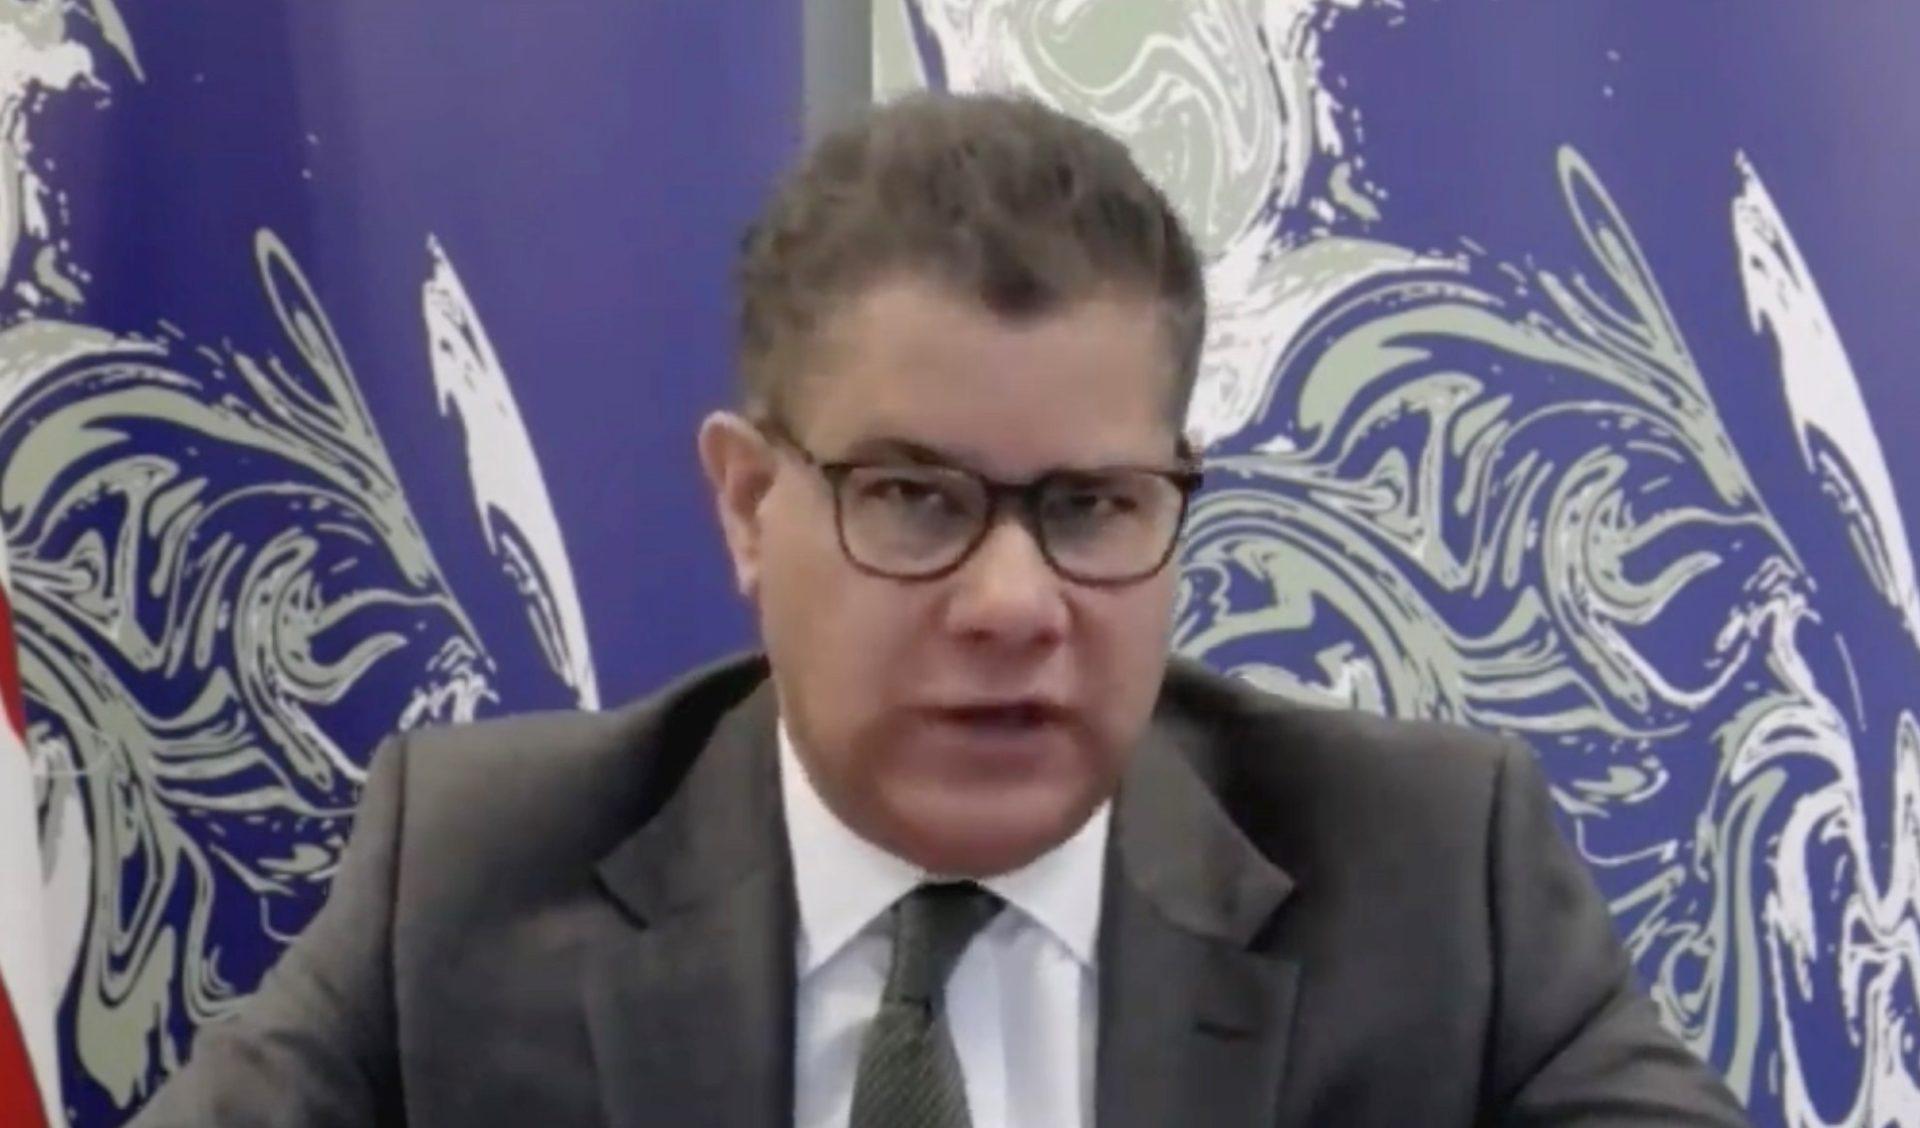 El presidente de la COP26, el británico Alok Sharma.EFE/